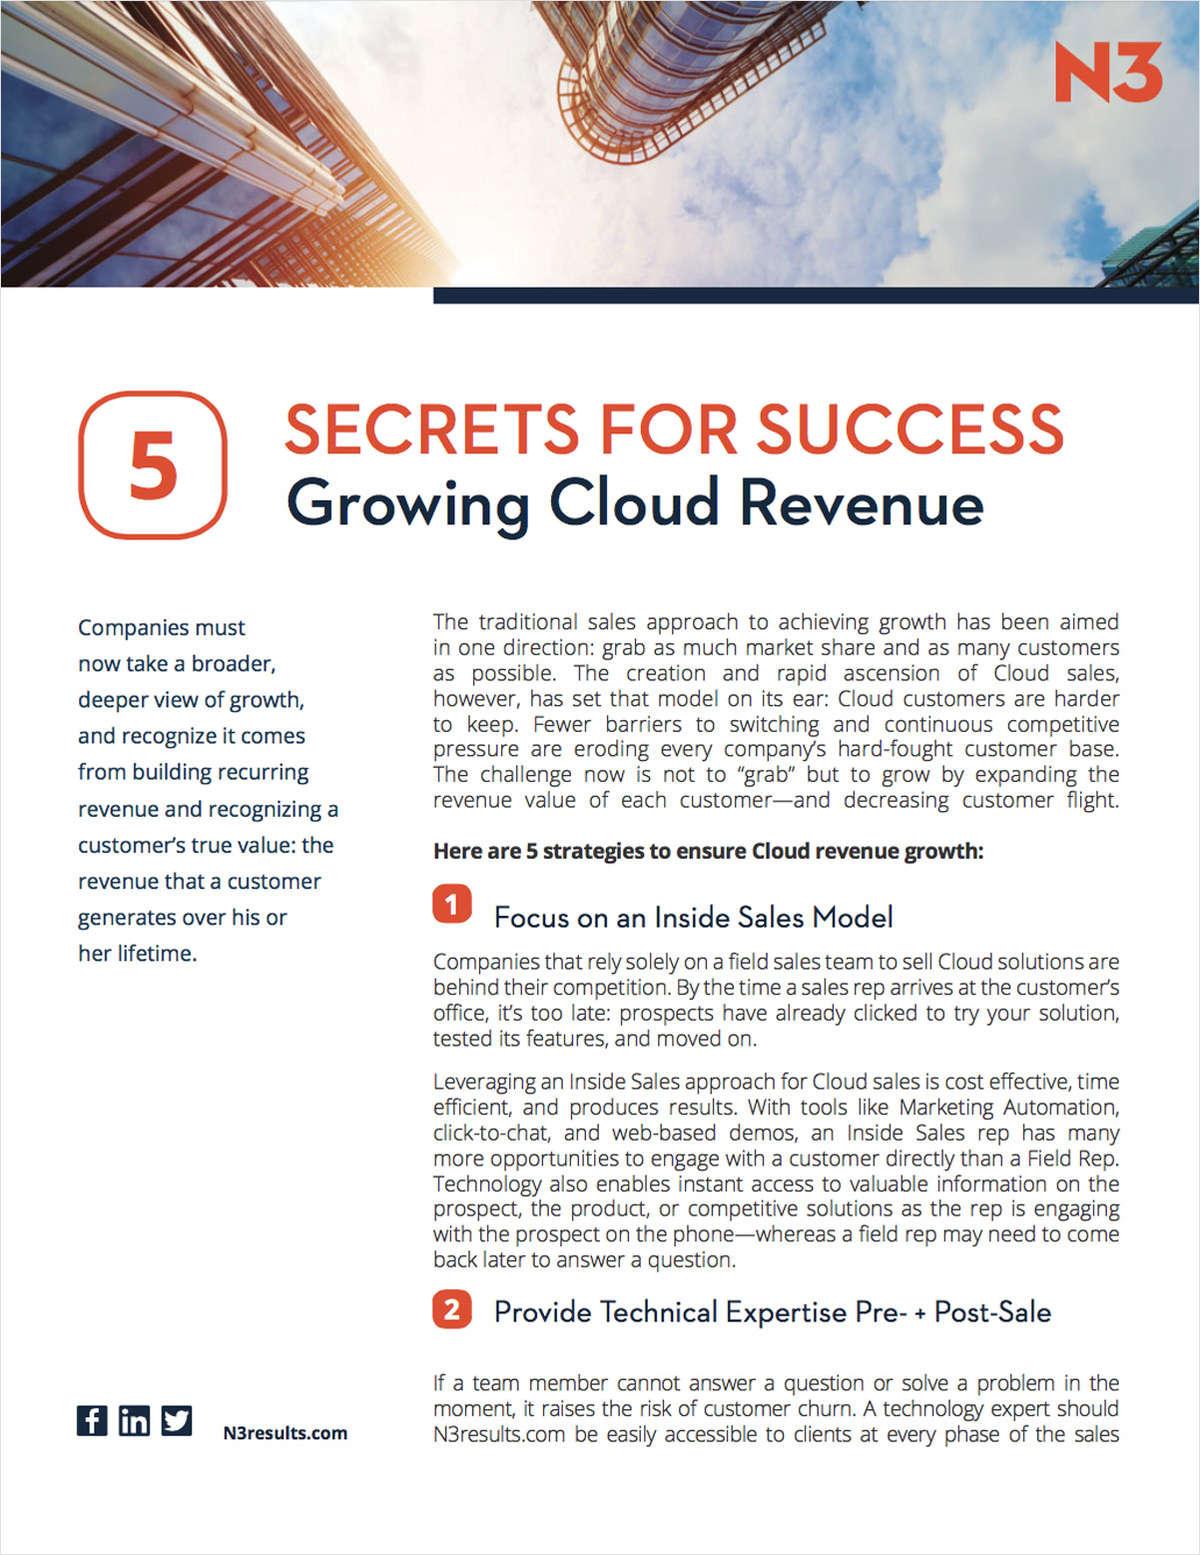 5 Secrets for Success Growing Cloud Revenue